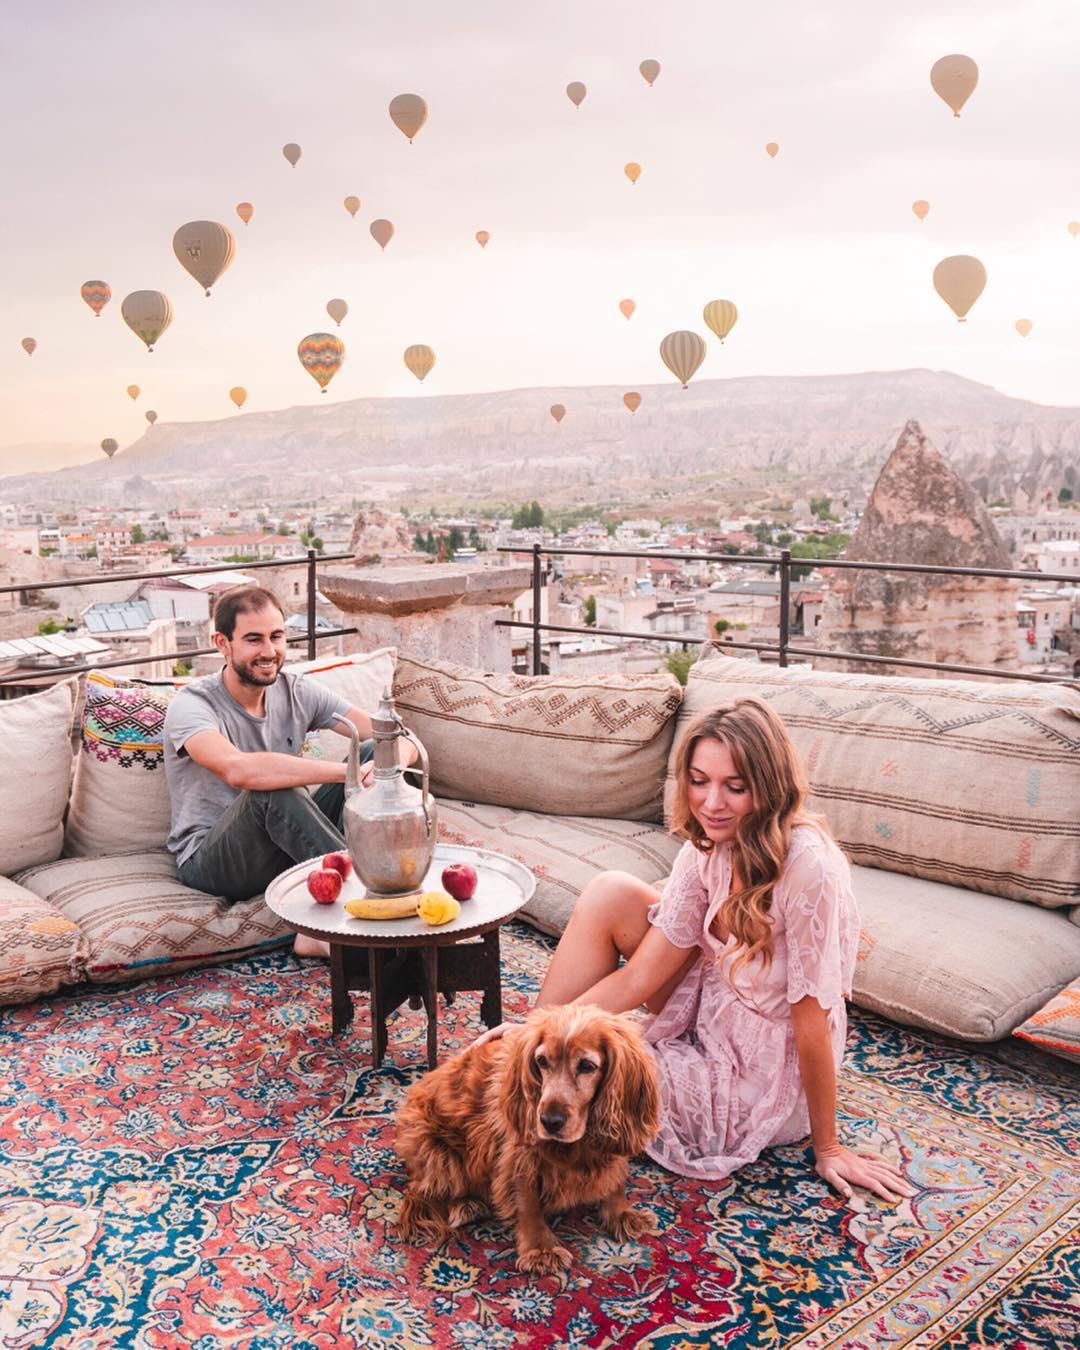 Dit zijn de mooiste 'rooftop'-uitzichten op Instagram - I'm Feeling Good 5